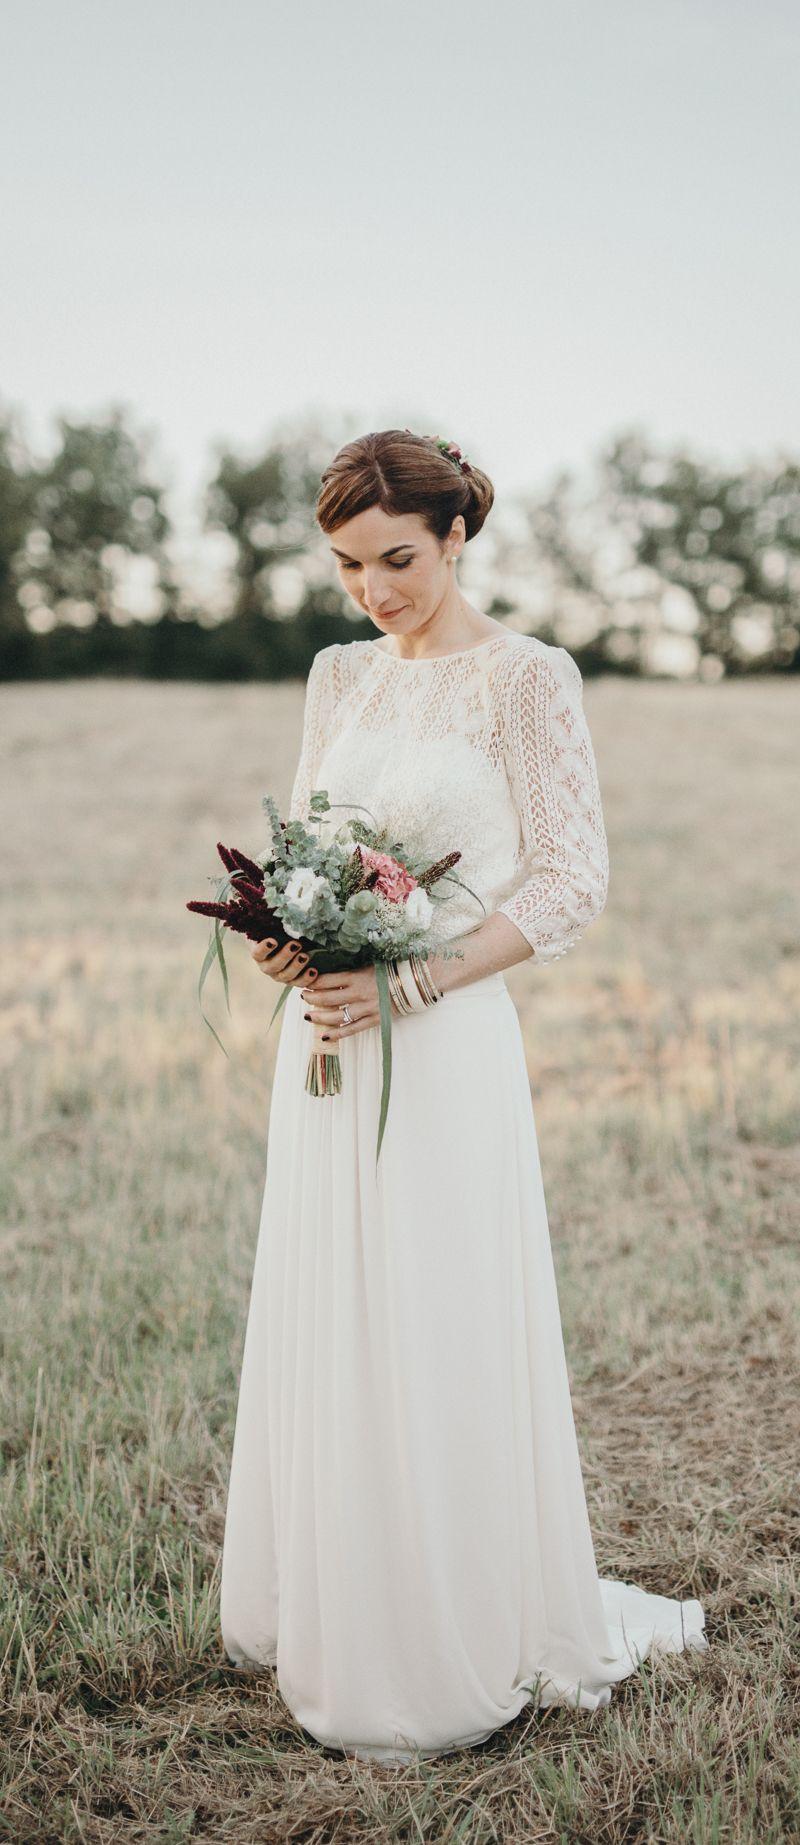 Bridal Portrait & Laure de Sagazan Dress